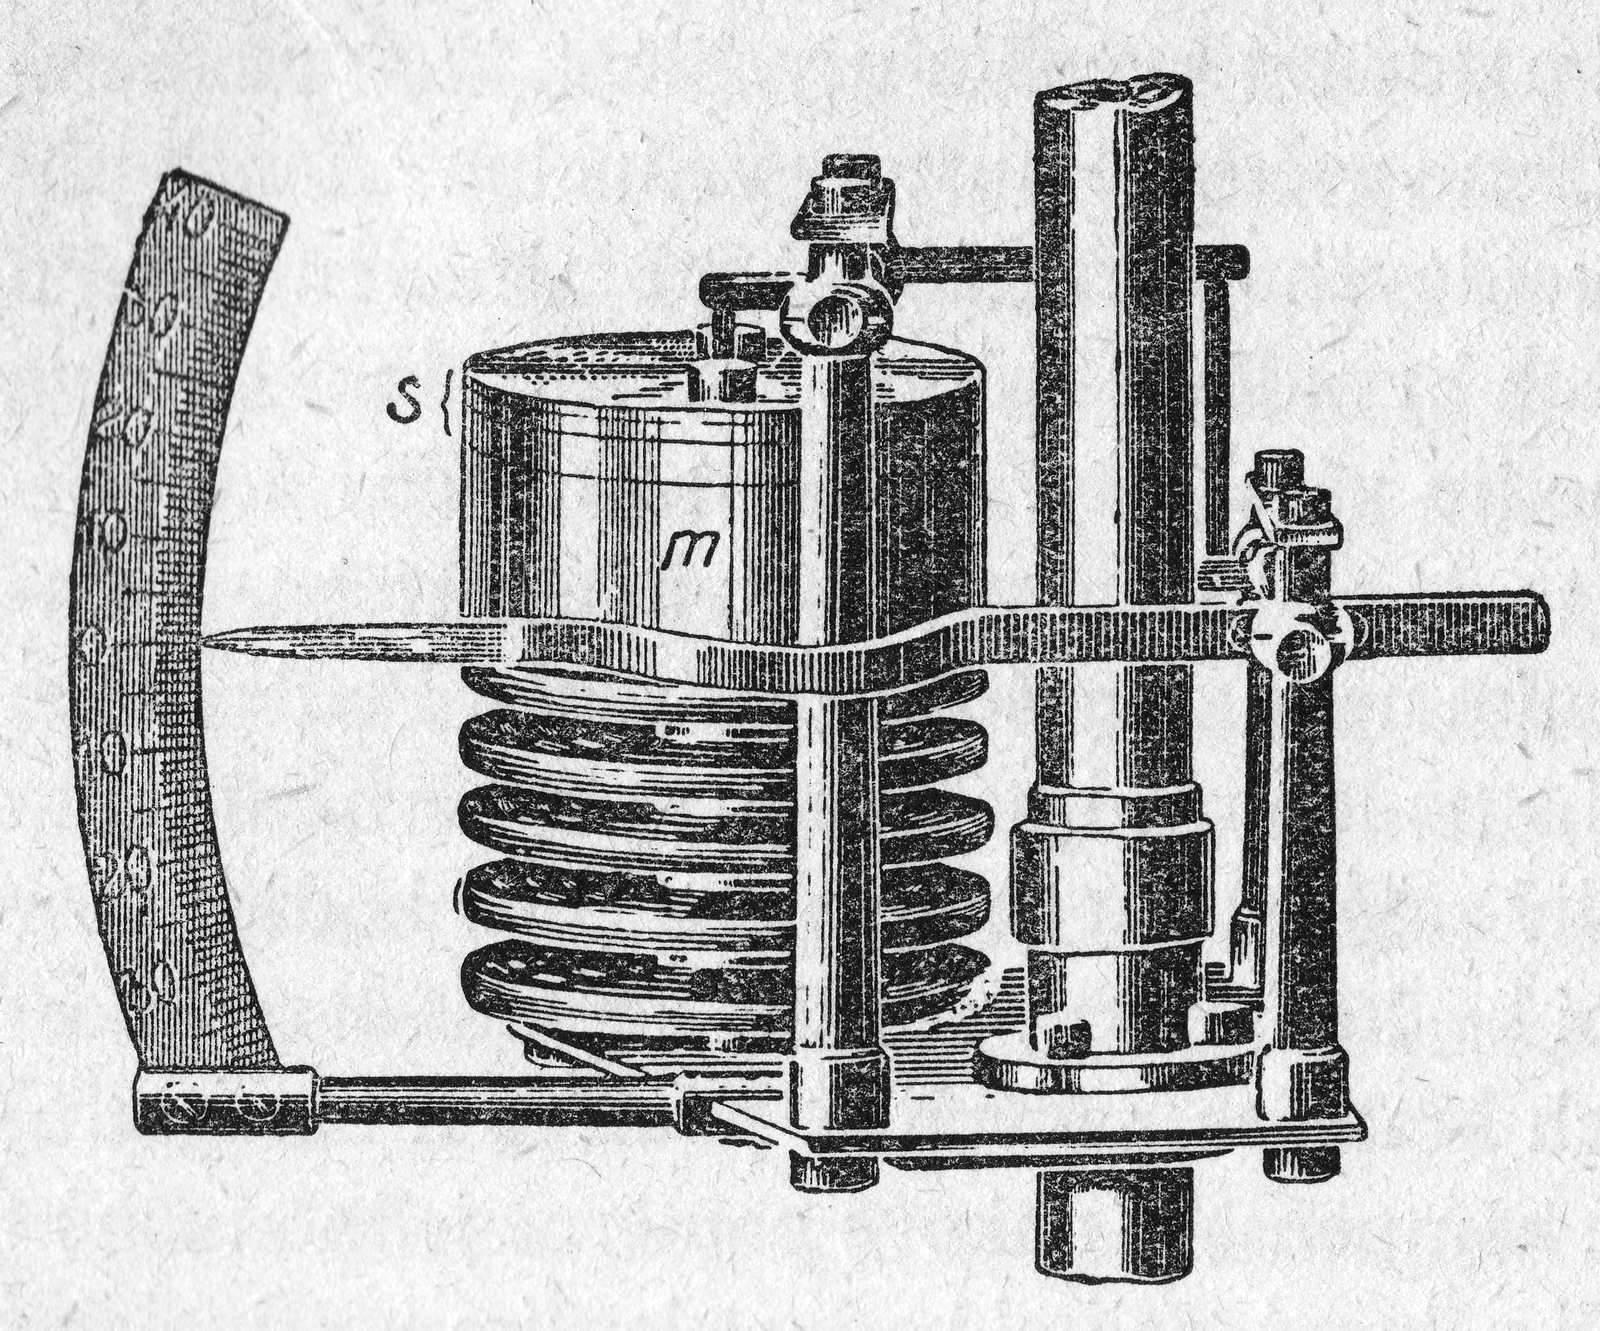 Aneroiddose für die Luftdruckkompensation des Pendels, https://commons.wikimedia.org/wiki/File:Riefler_Uhr_02.jpg